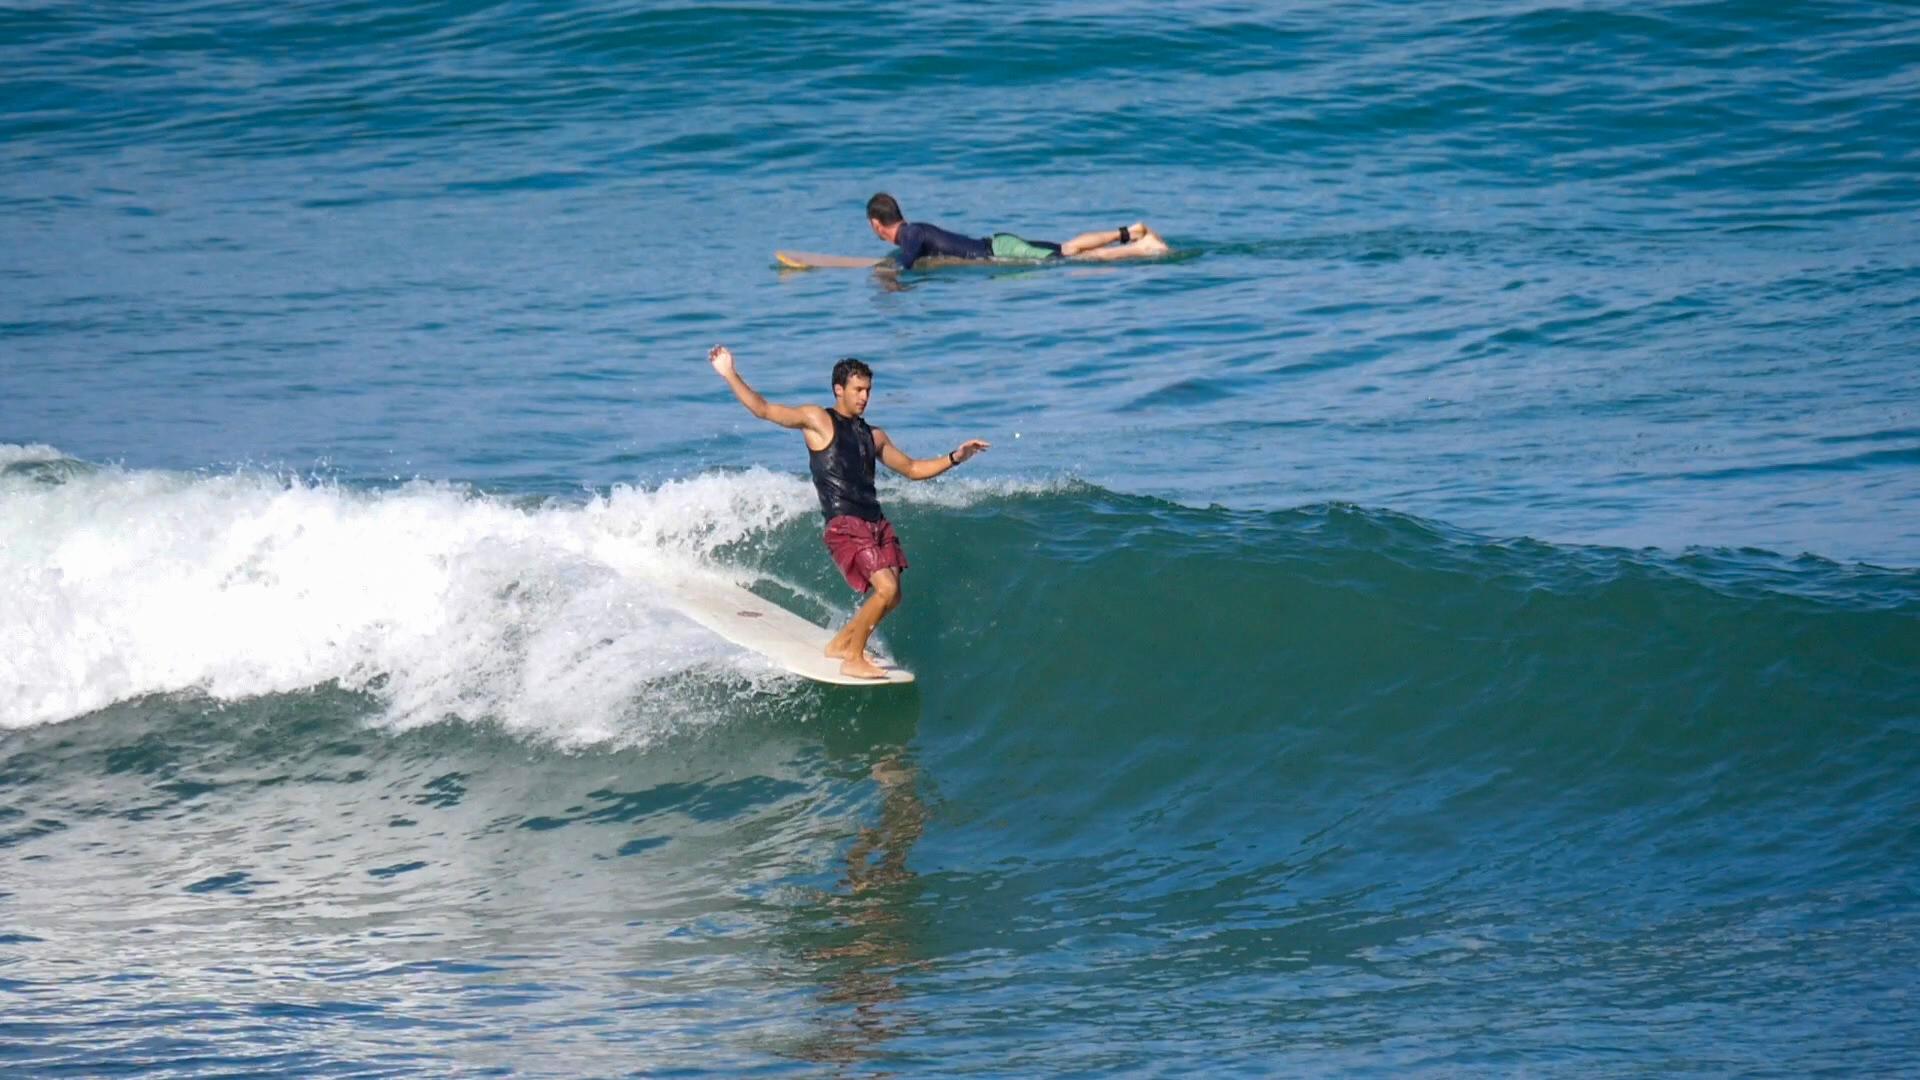 Longboarding in israel - Guy Hummel